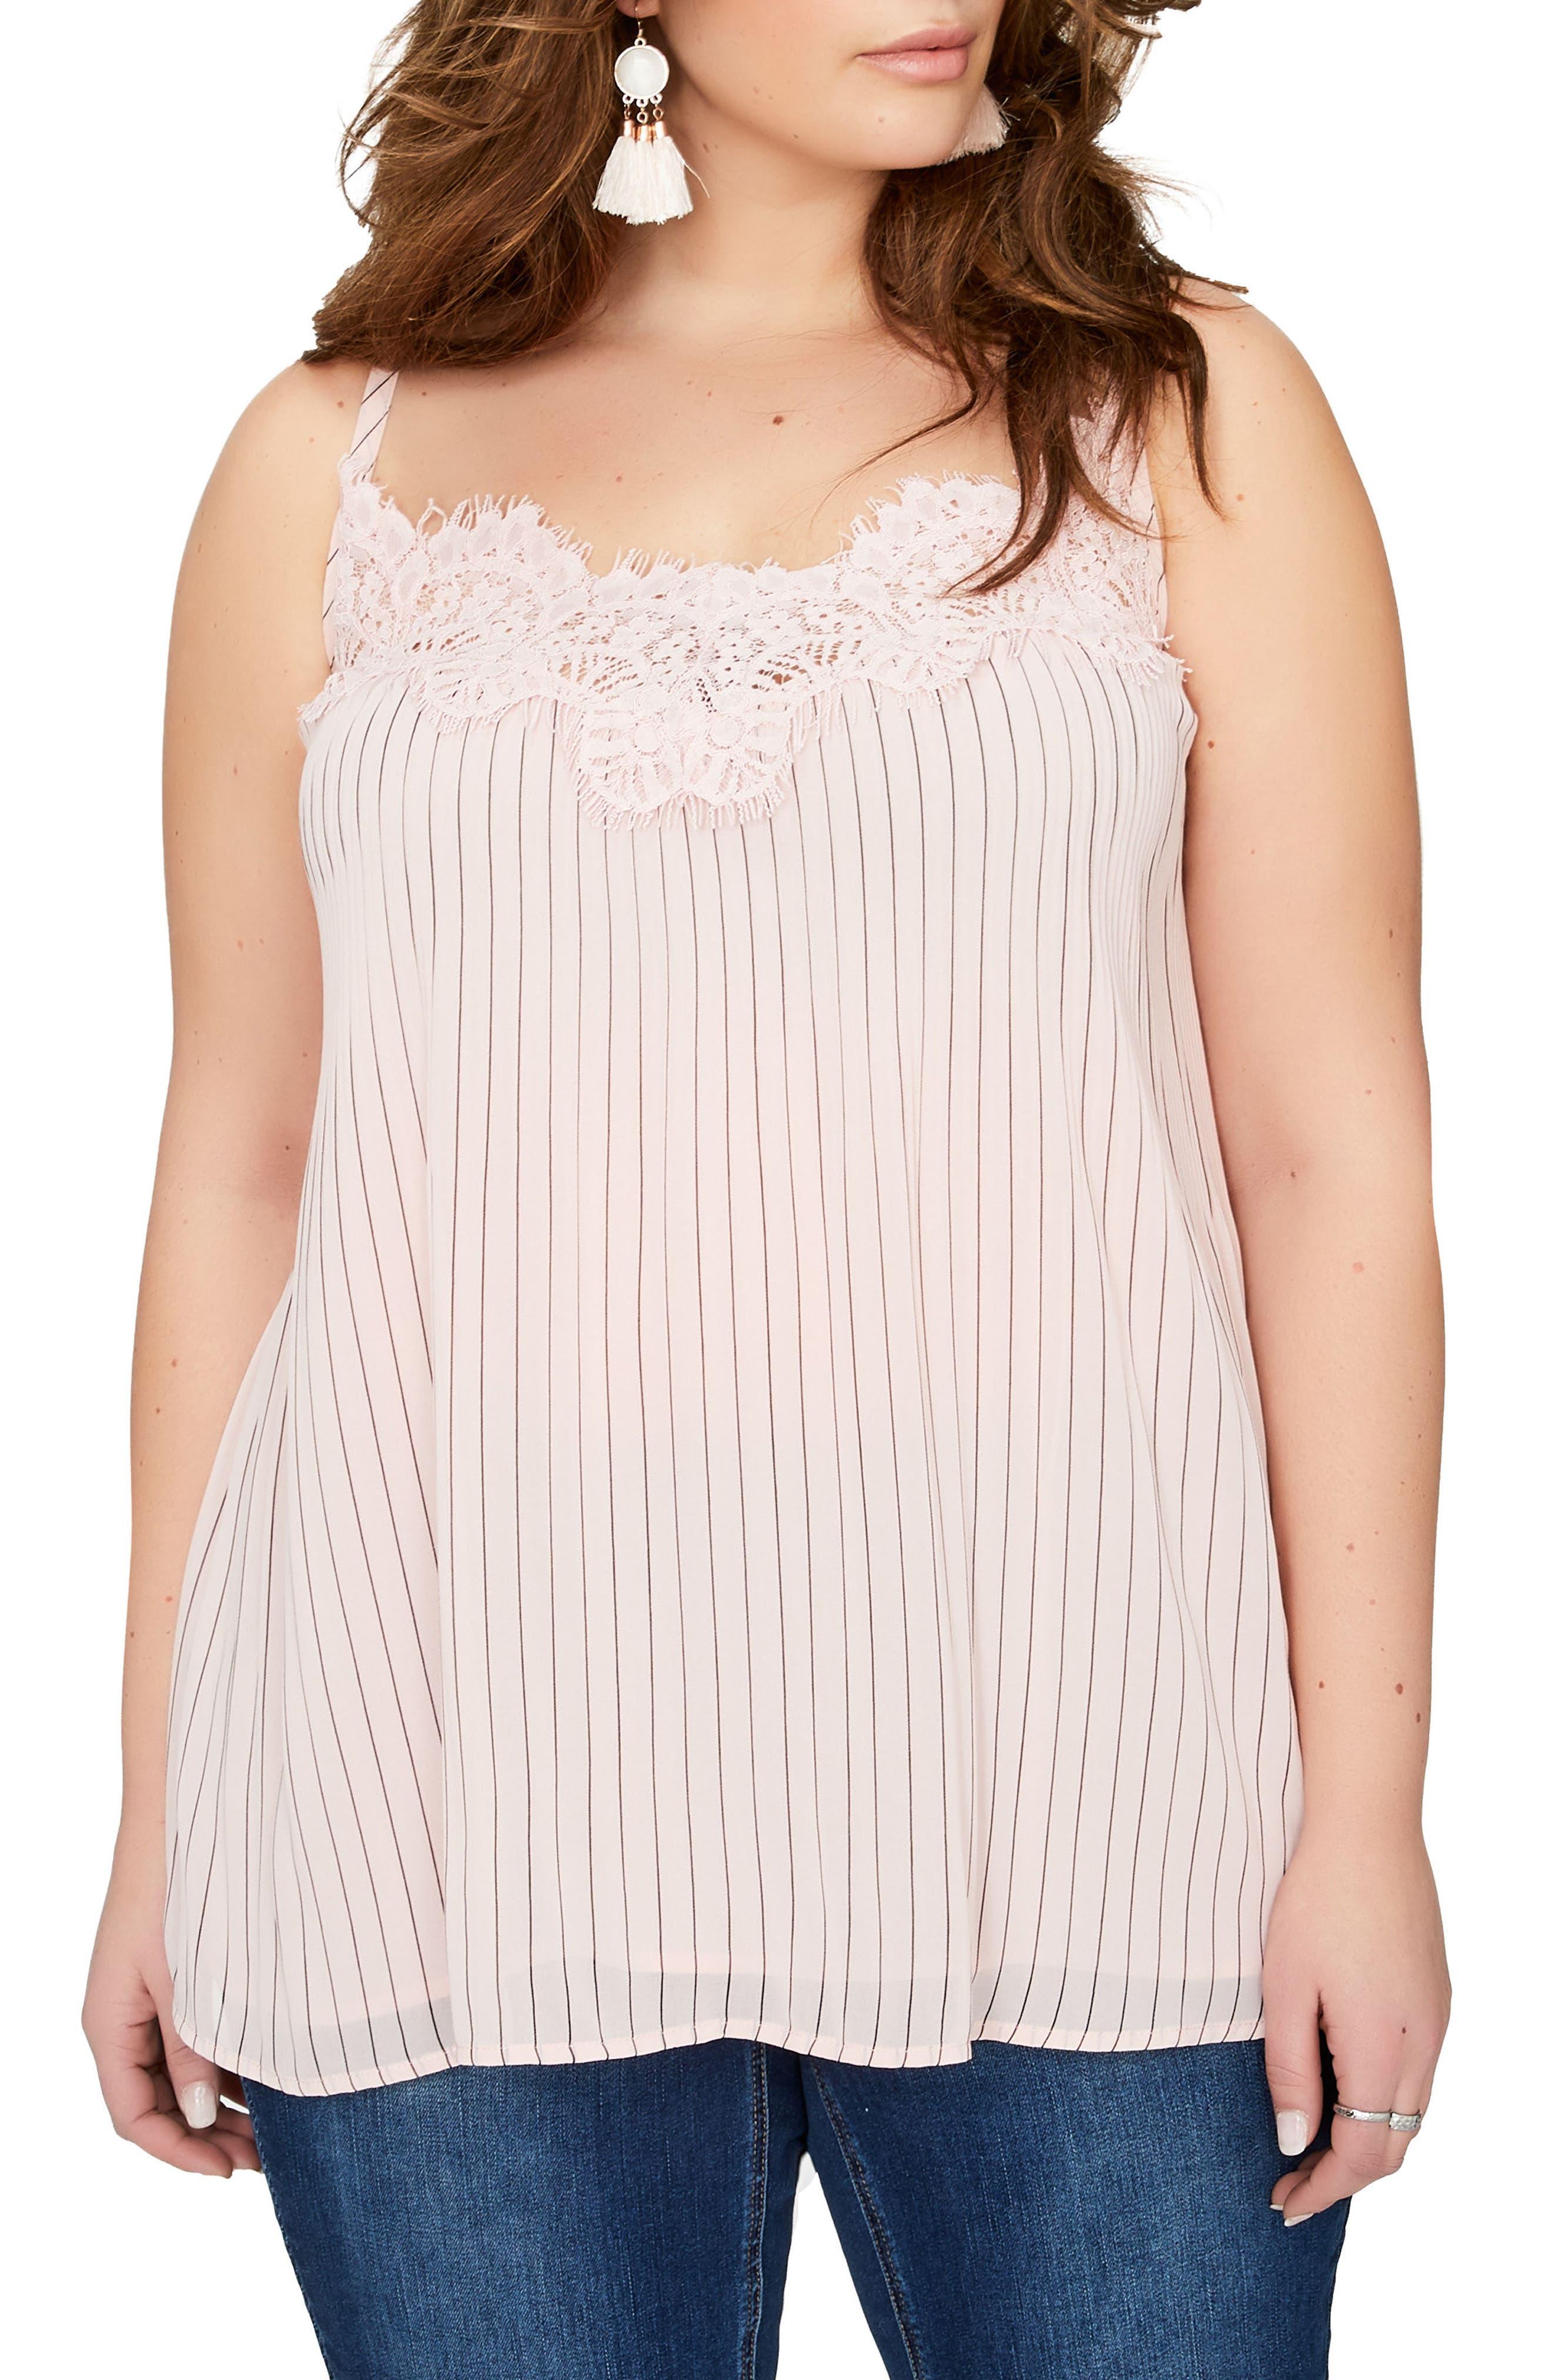 MICHEL STUDIO Stripe Camisole (Plus Size)